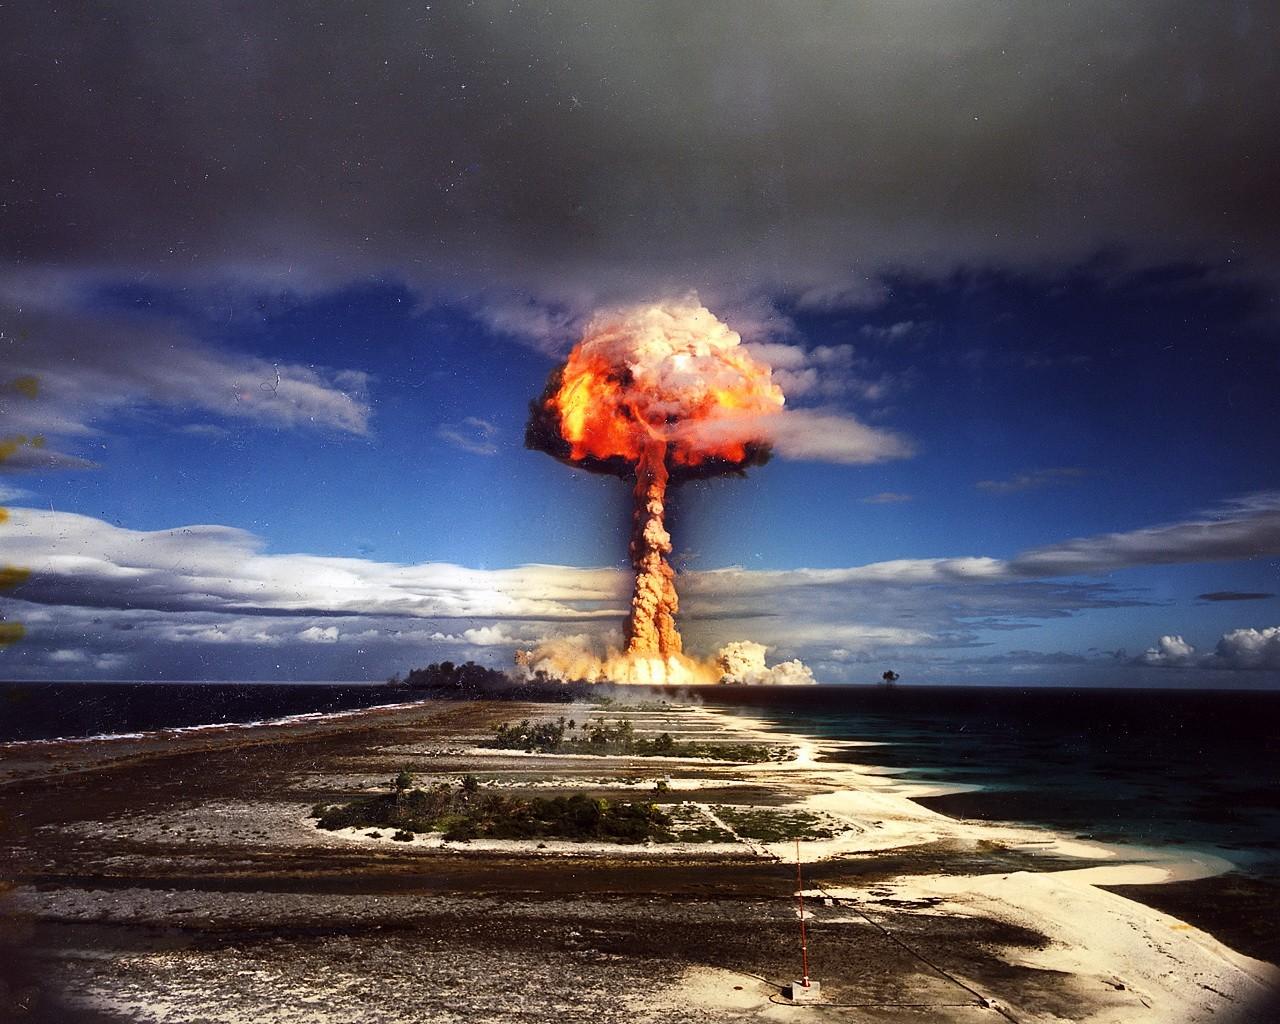 http://3.bp.blogspot.com/-hlm2QRIX4C0/UdGp9ubC7TI/AAAAAAAAAcY/YnnyDYfhtVQ/s1600/esplosione_nucleare.jpg